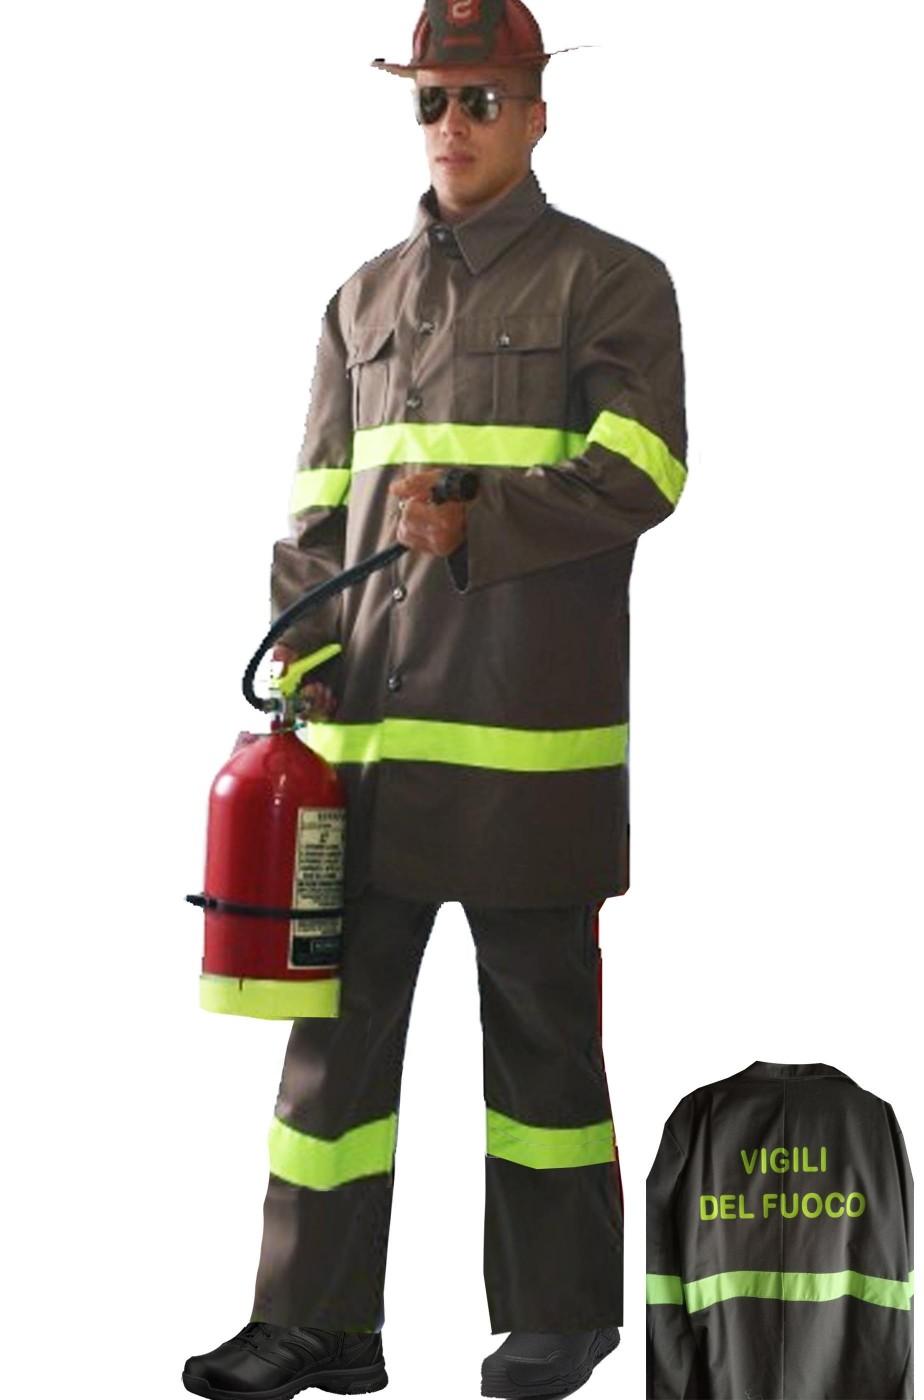 Costume divisa da pompiere vigile del fuoco italiano